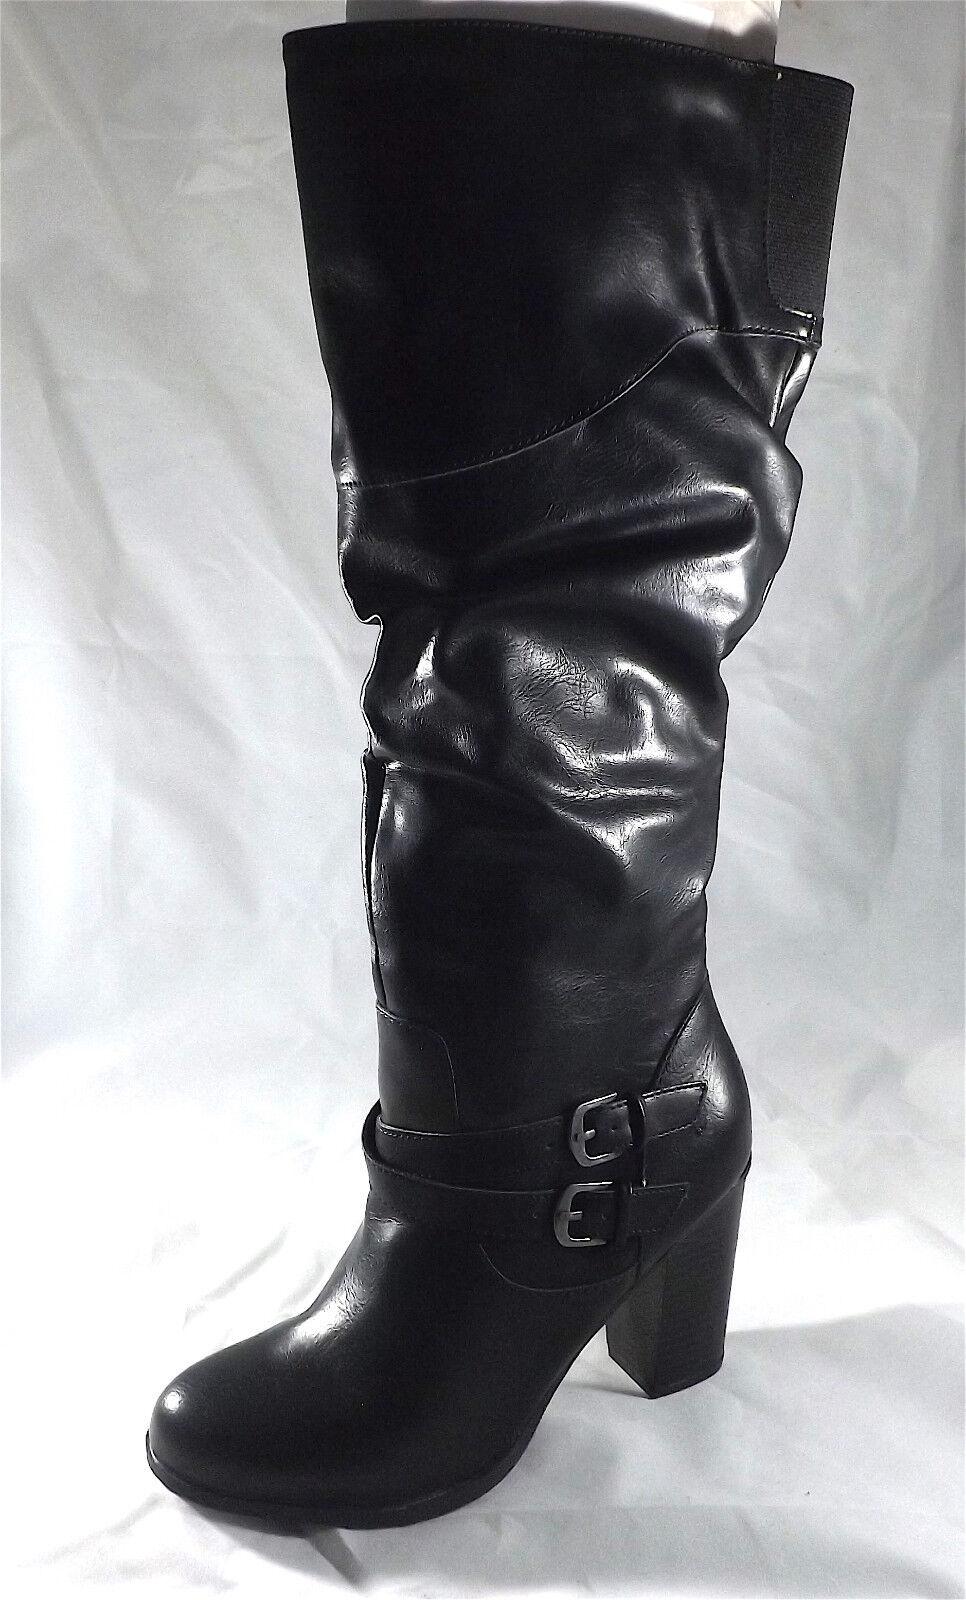 STYLE & CO (SOPHIIEP schwarz Stiefel) damen Größe 8 BRAND NEW